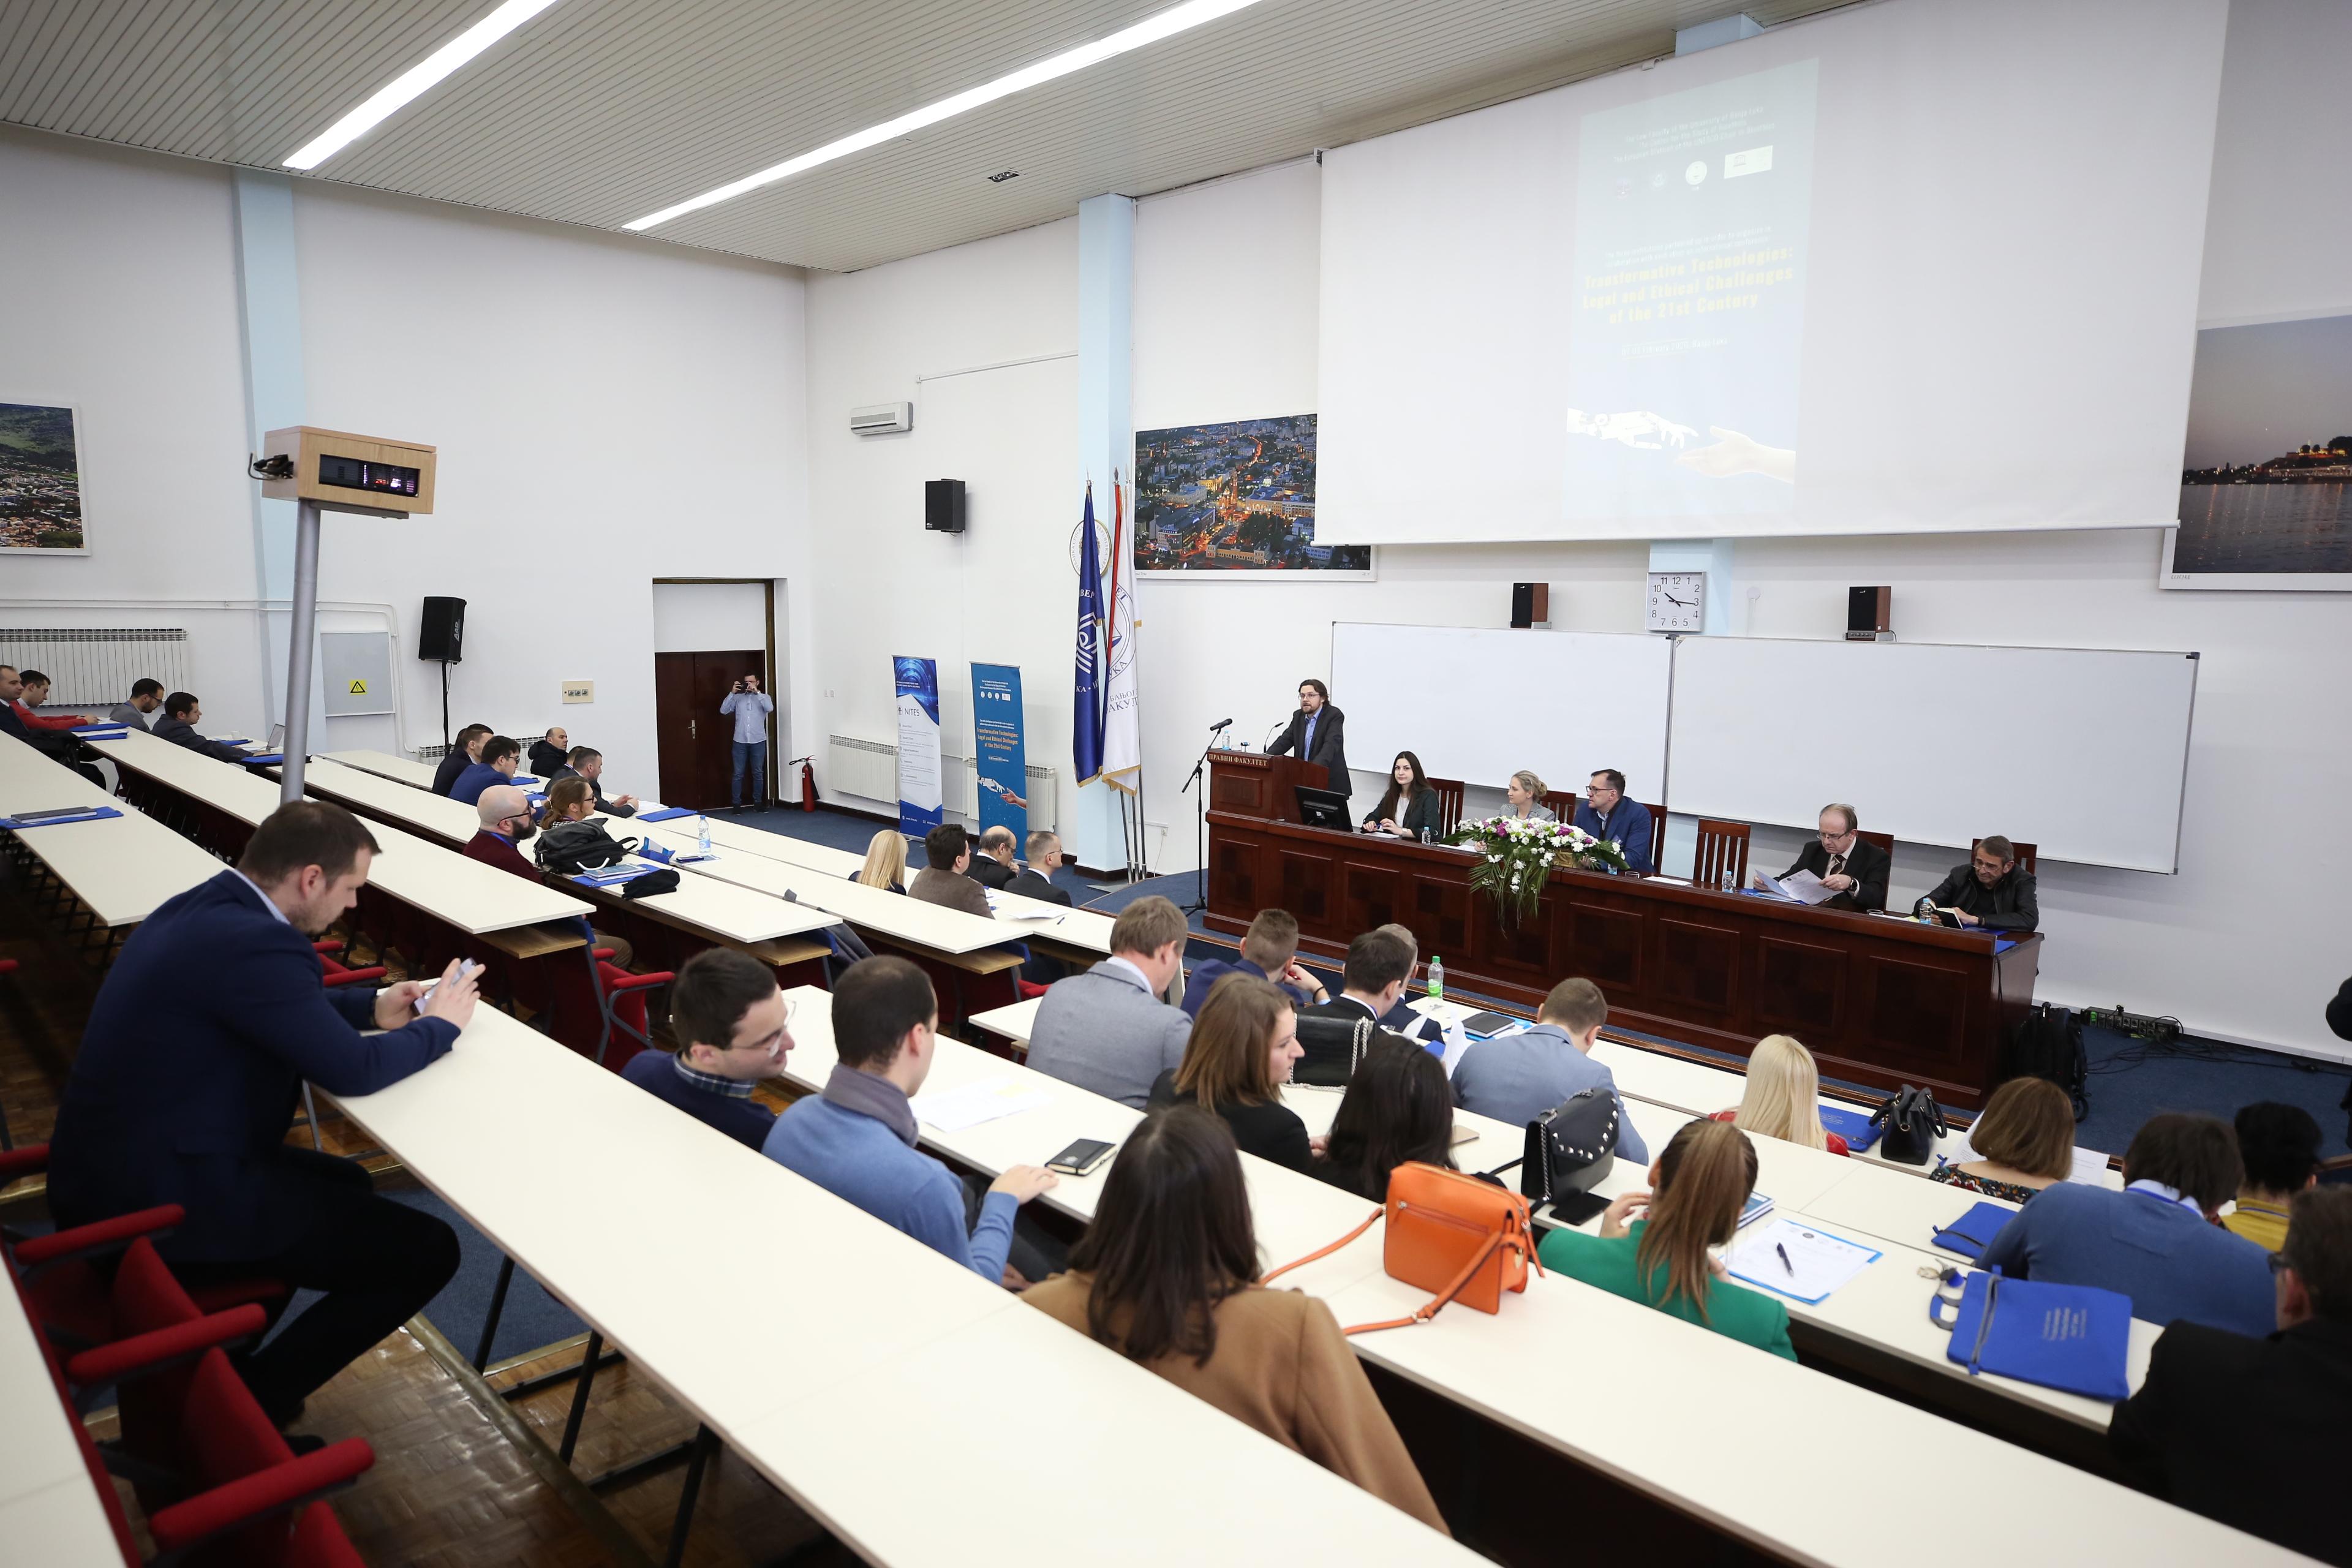 Одржан међународни научни скуп о трансформативним технологијама (Правни факултет)